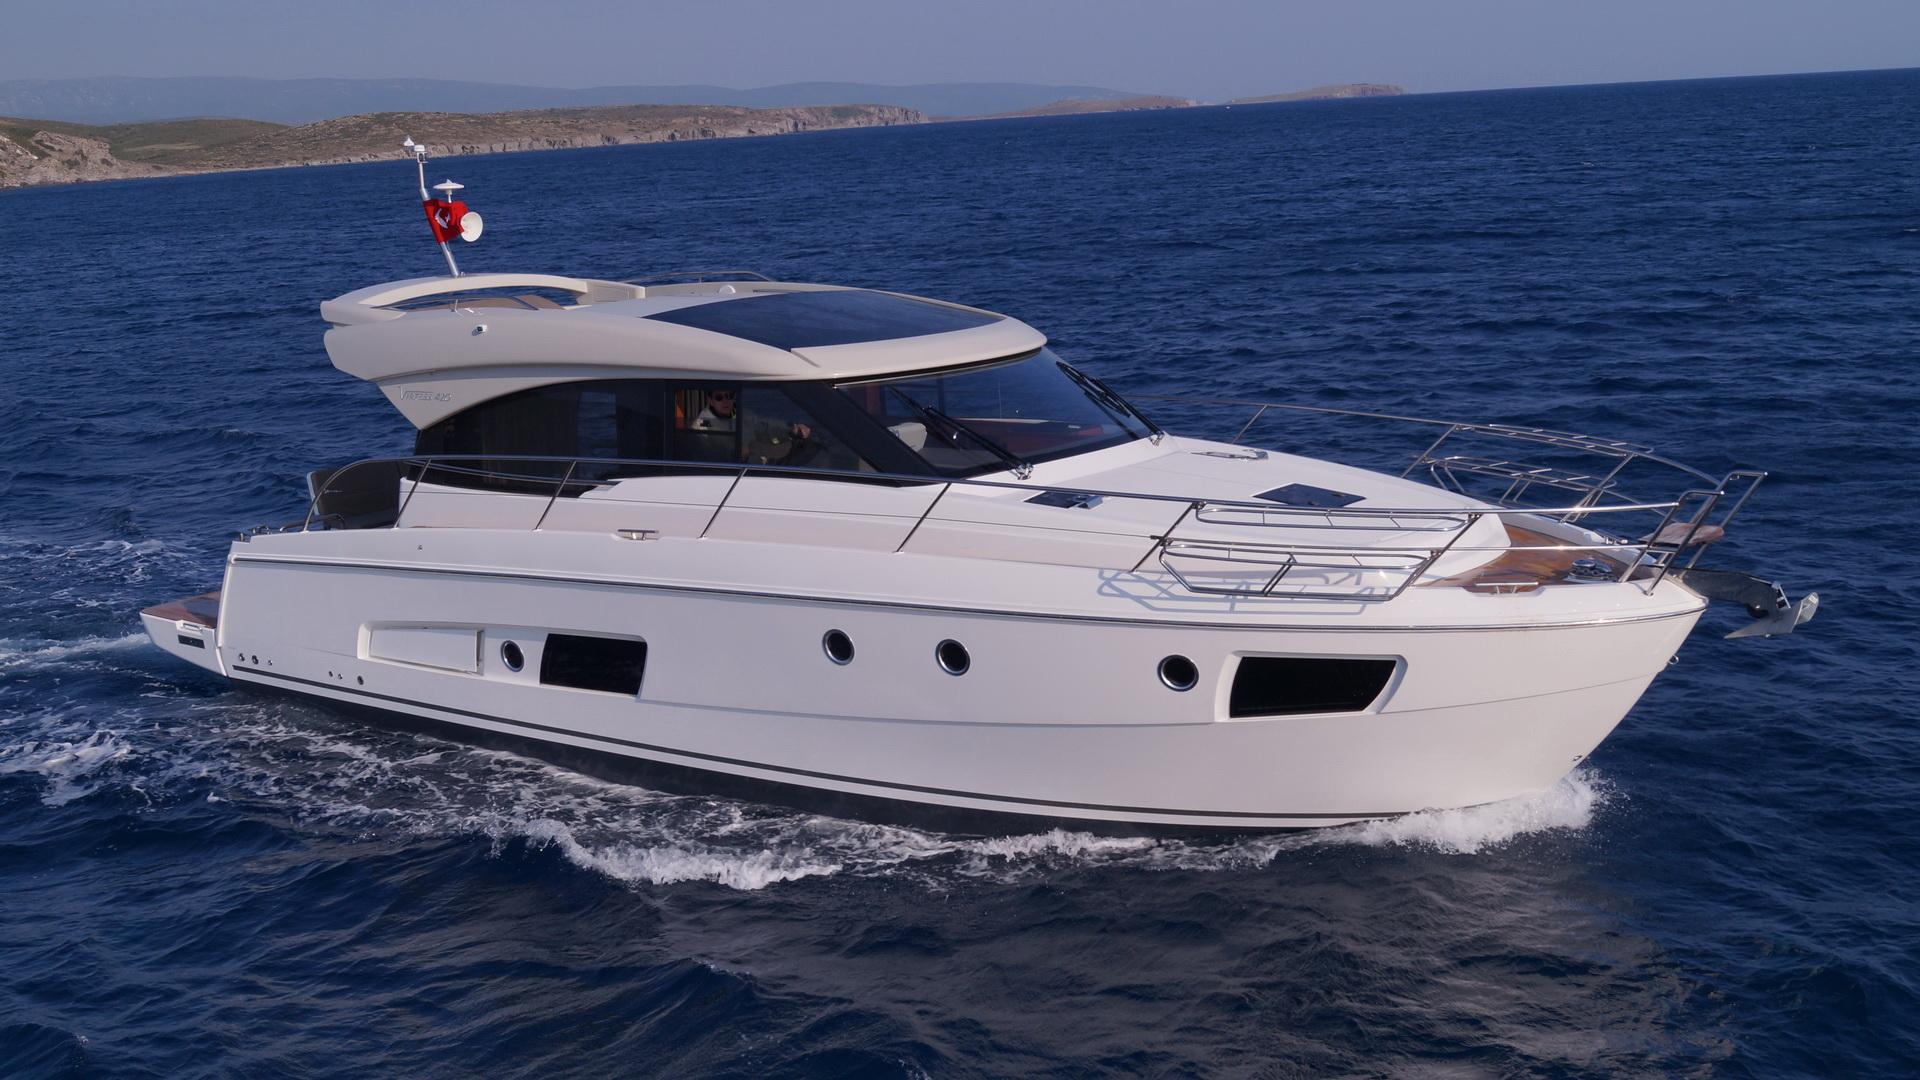 Virtess 420 Coupe - Bavaria Yachts - Drettmann Yachts